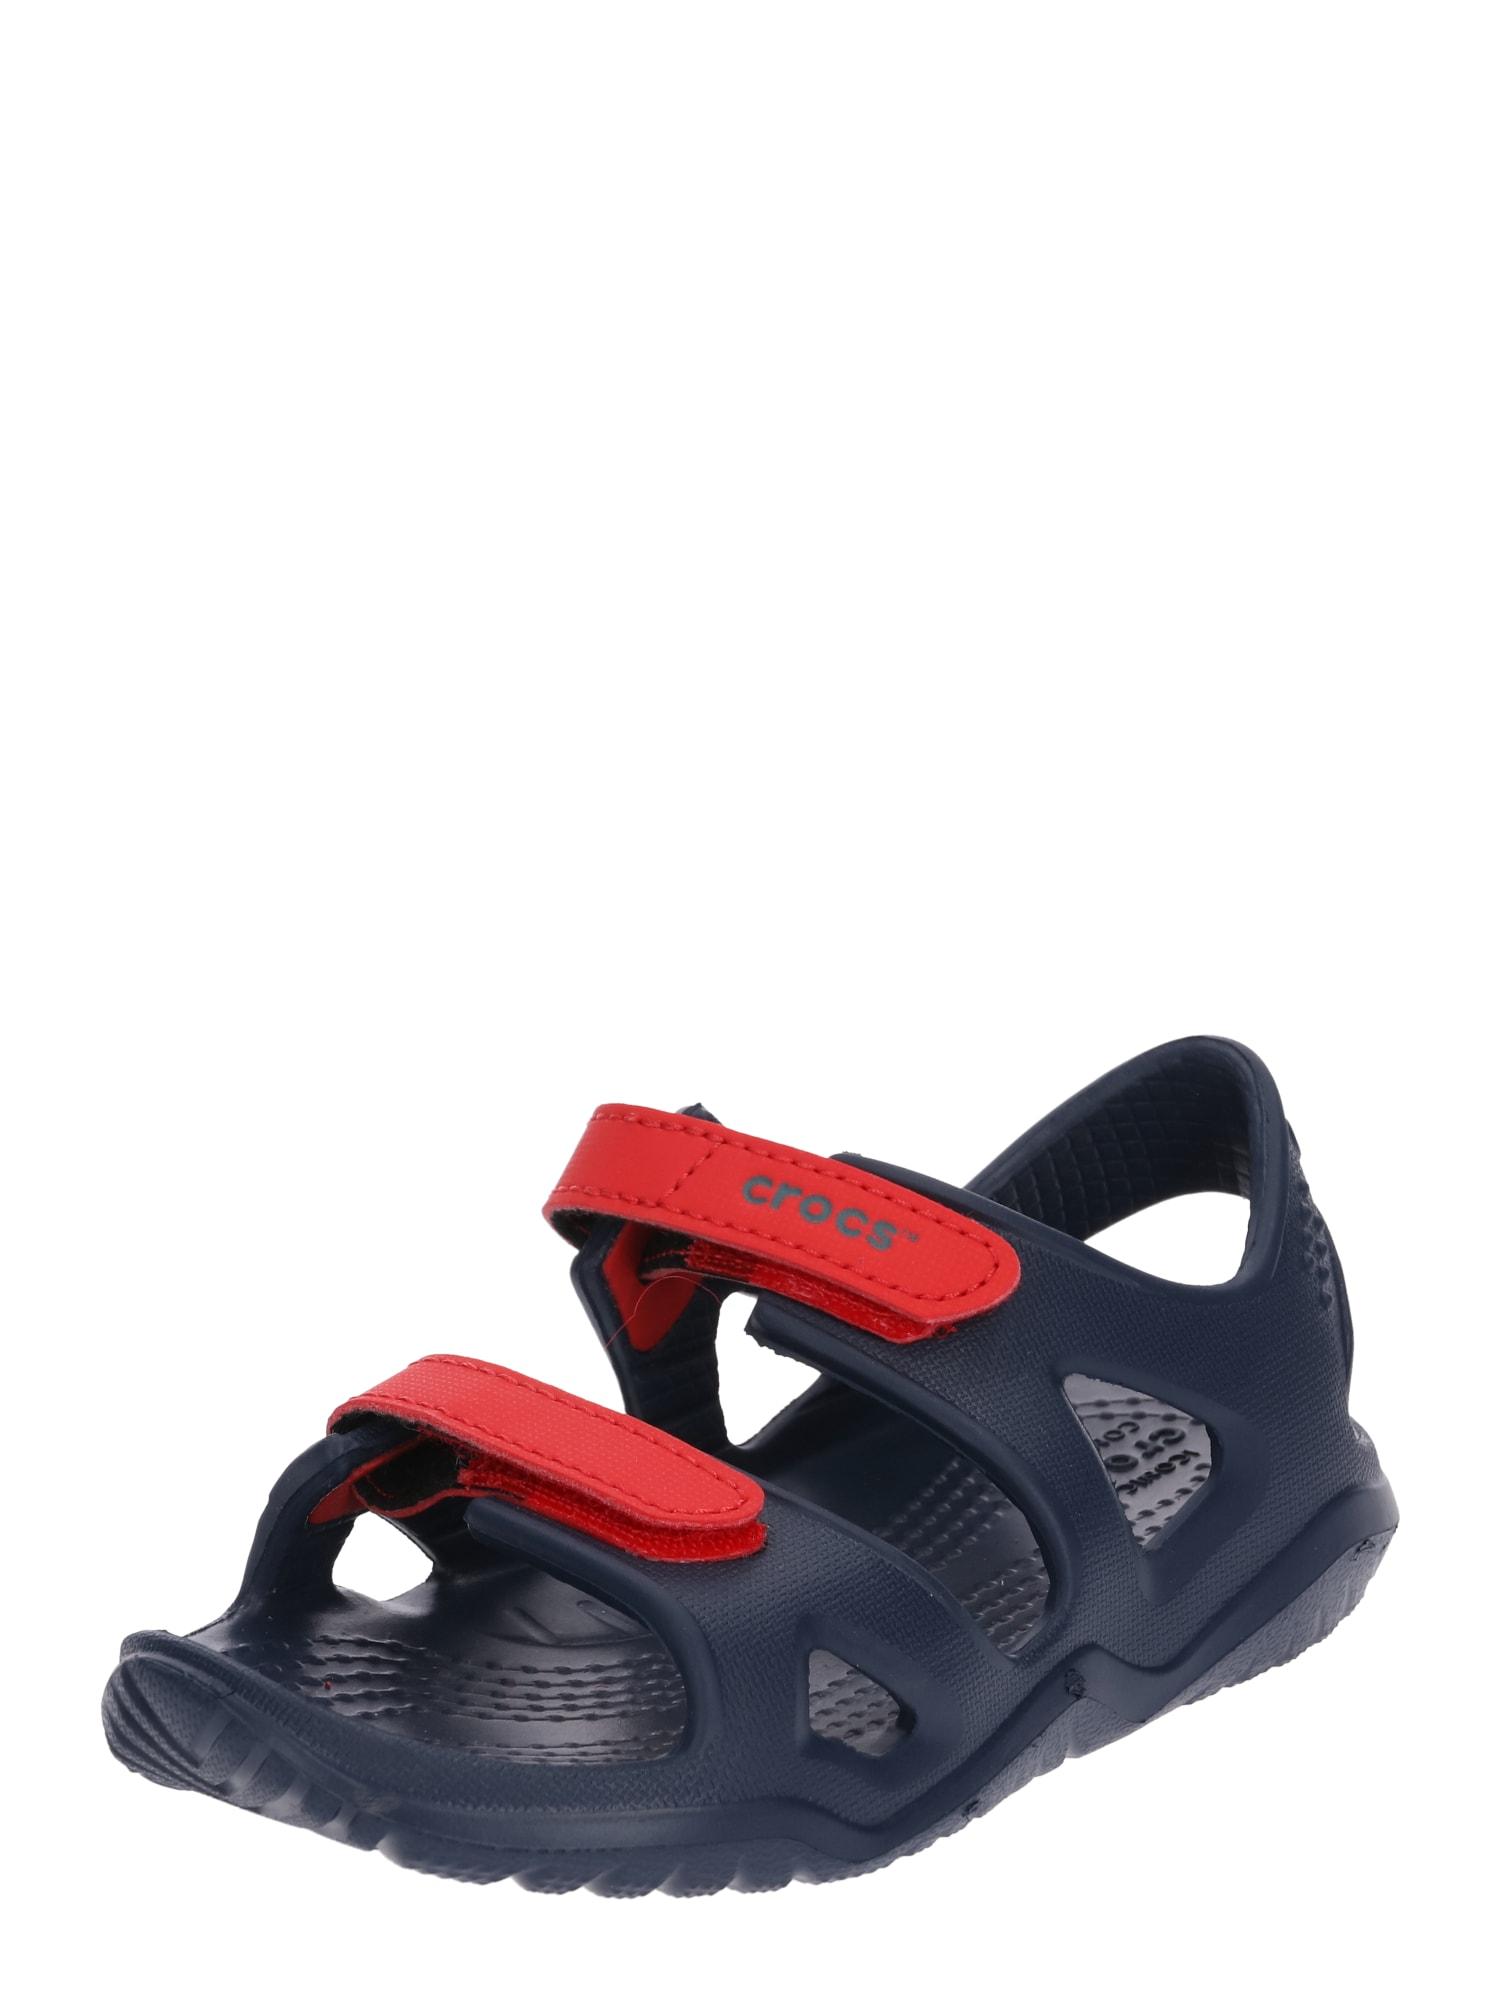 Otevřená obuv Swiftwater River námořnická modř červená Crocs